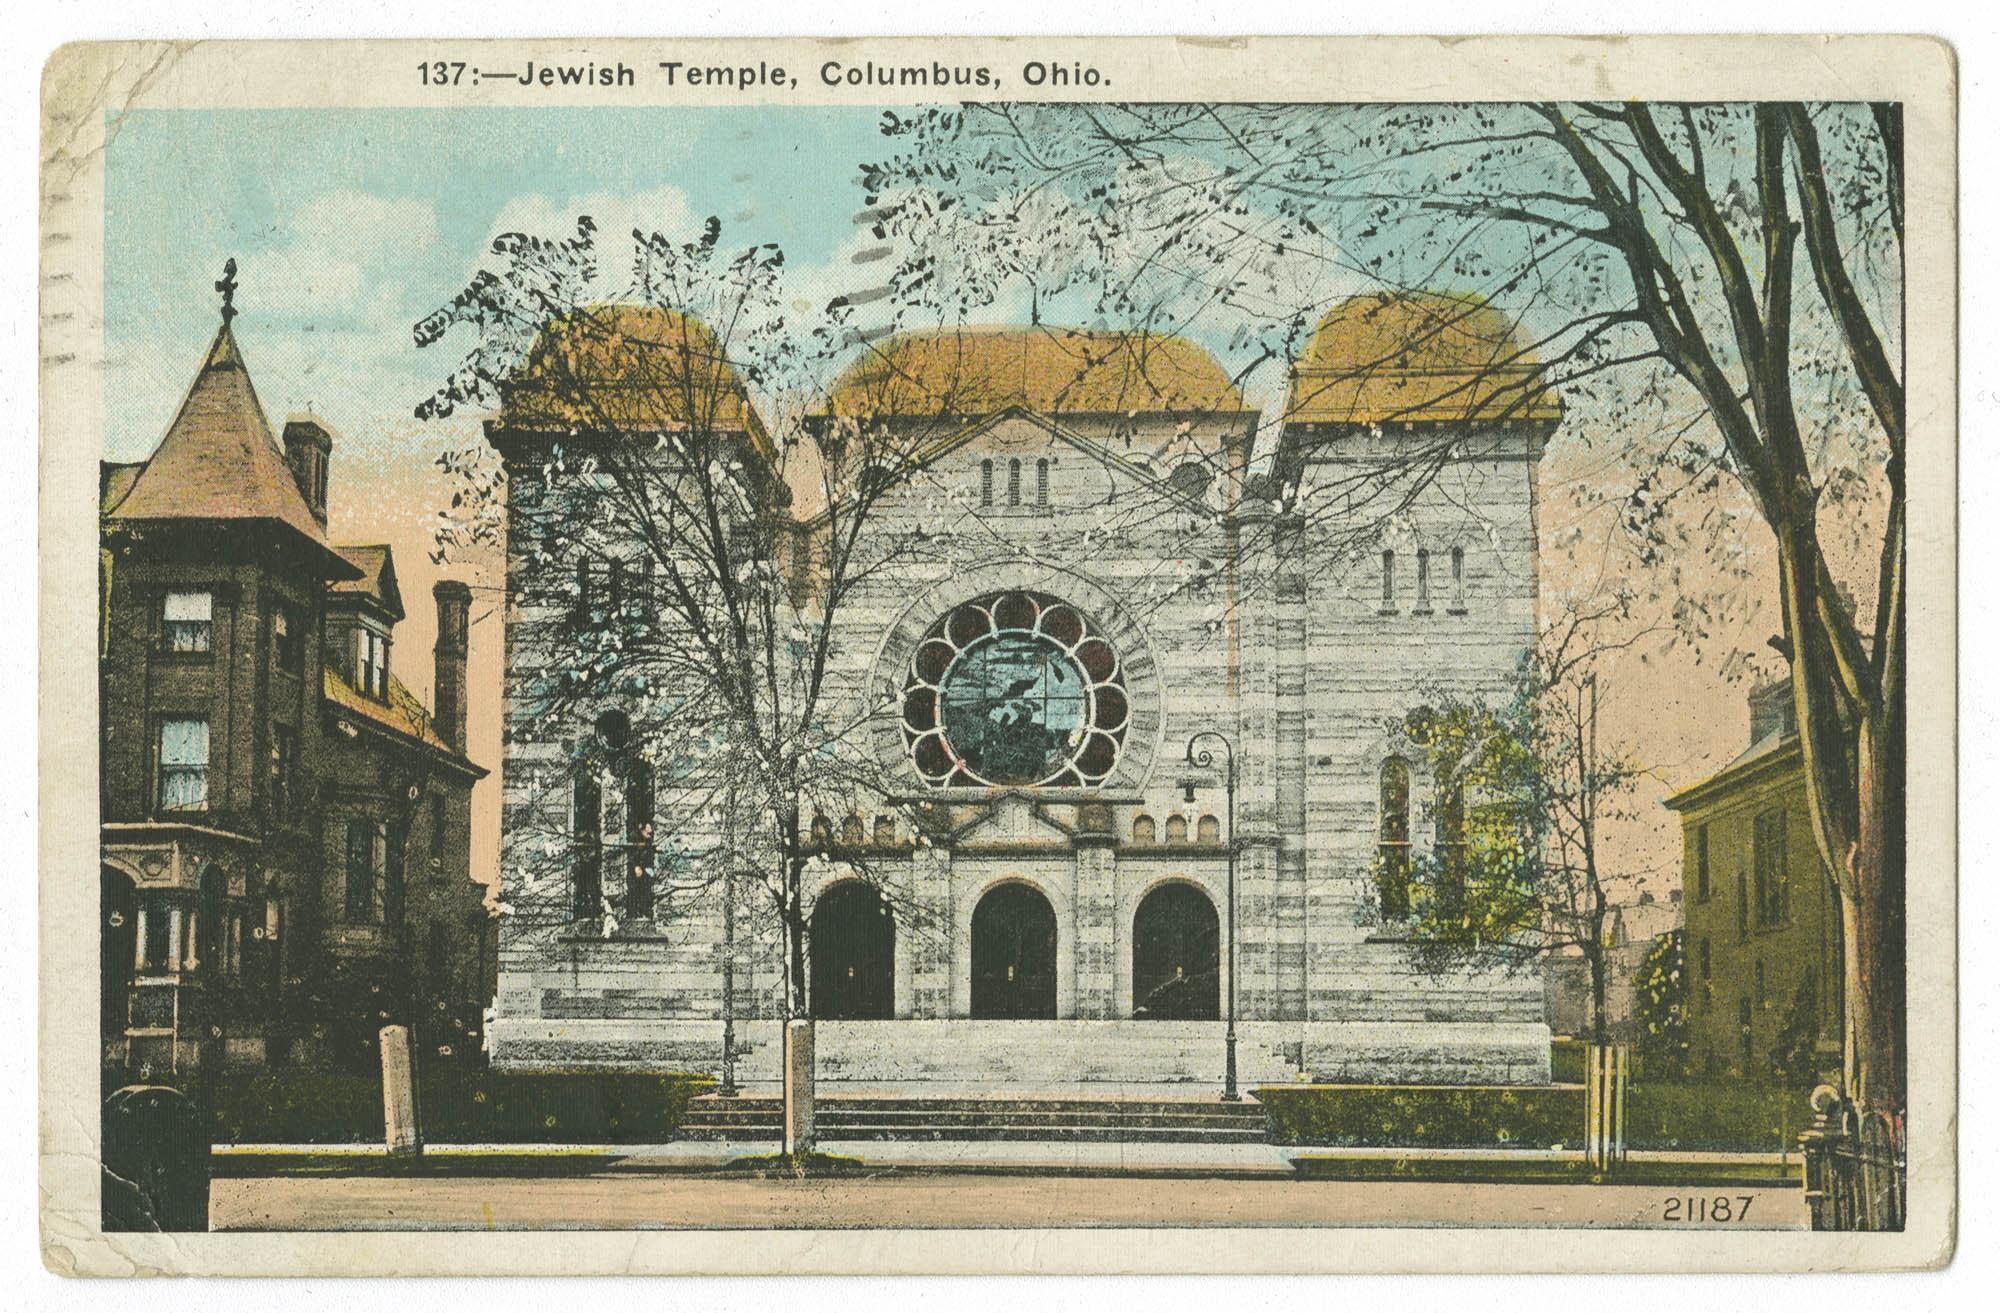 Jewish Temple, Columbus, Ohio